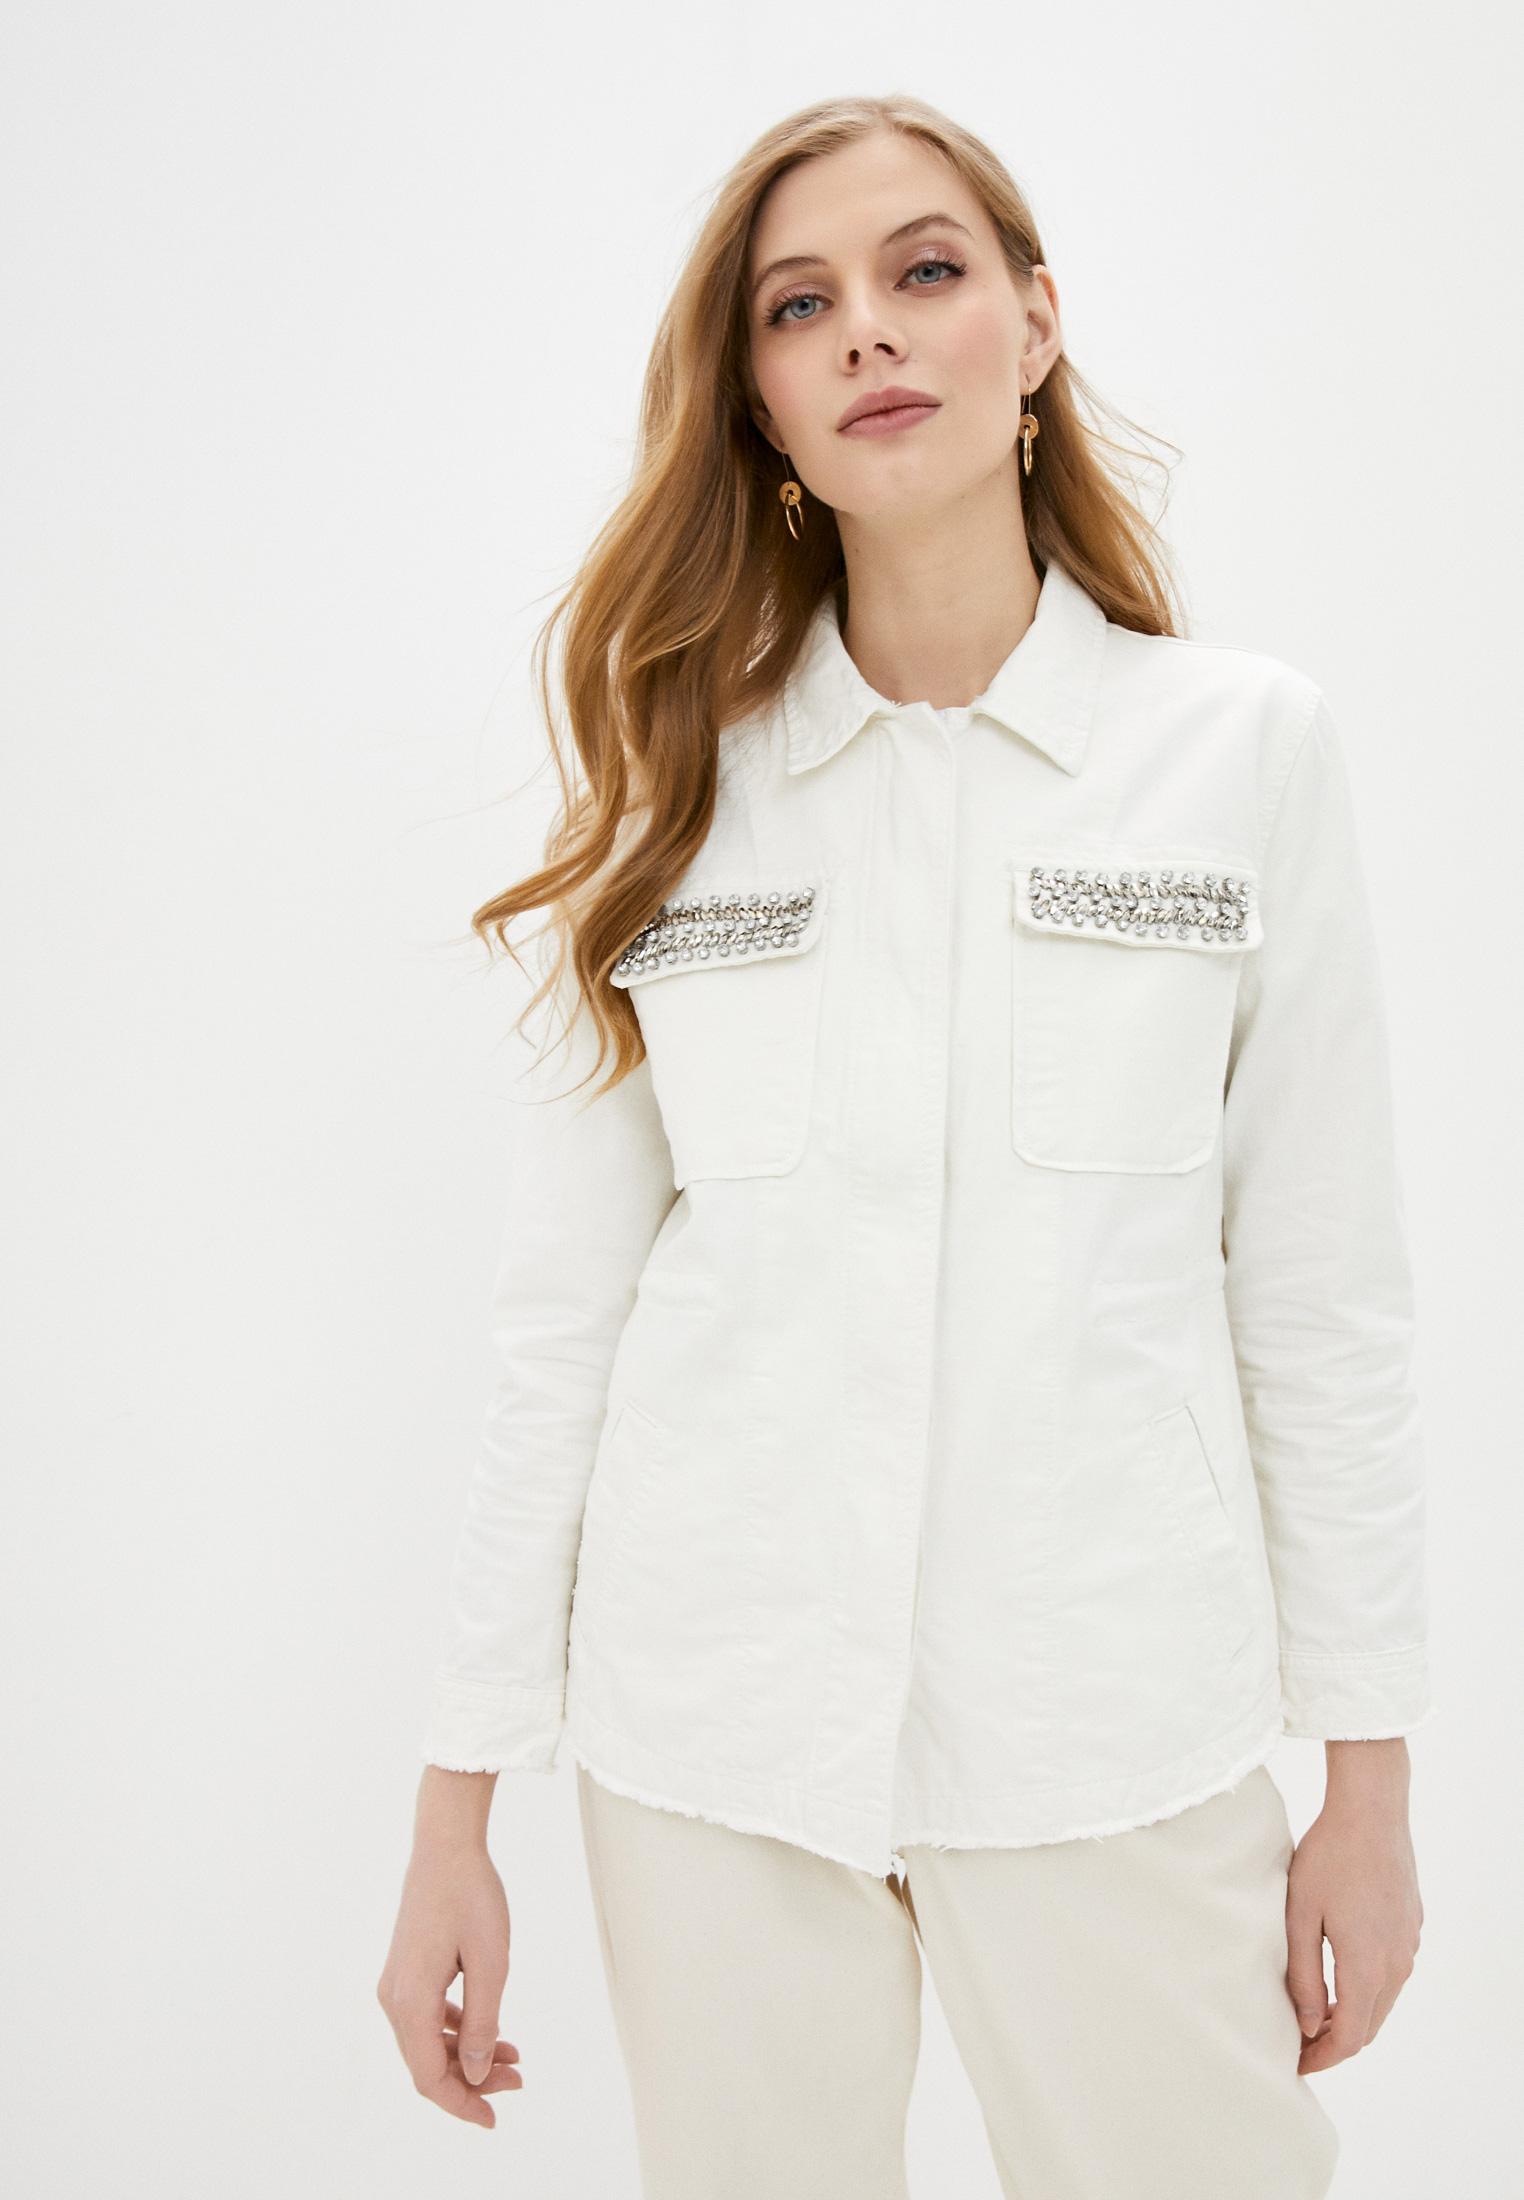 Джинсовая куртка Softy H20301